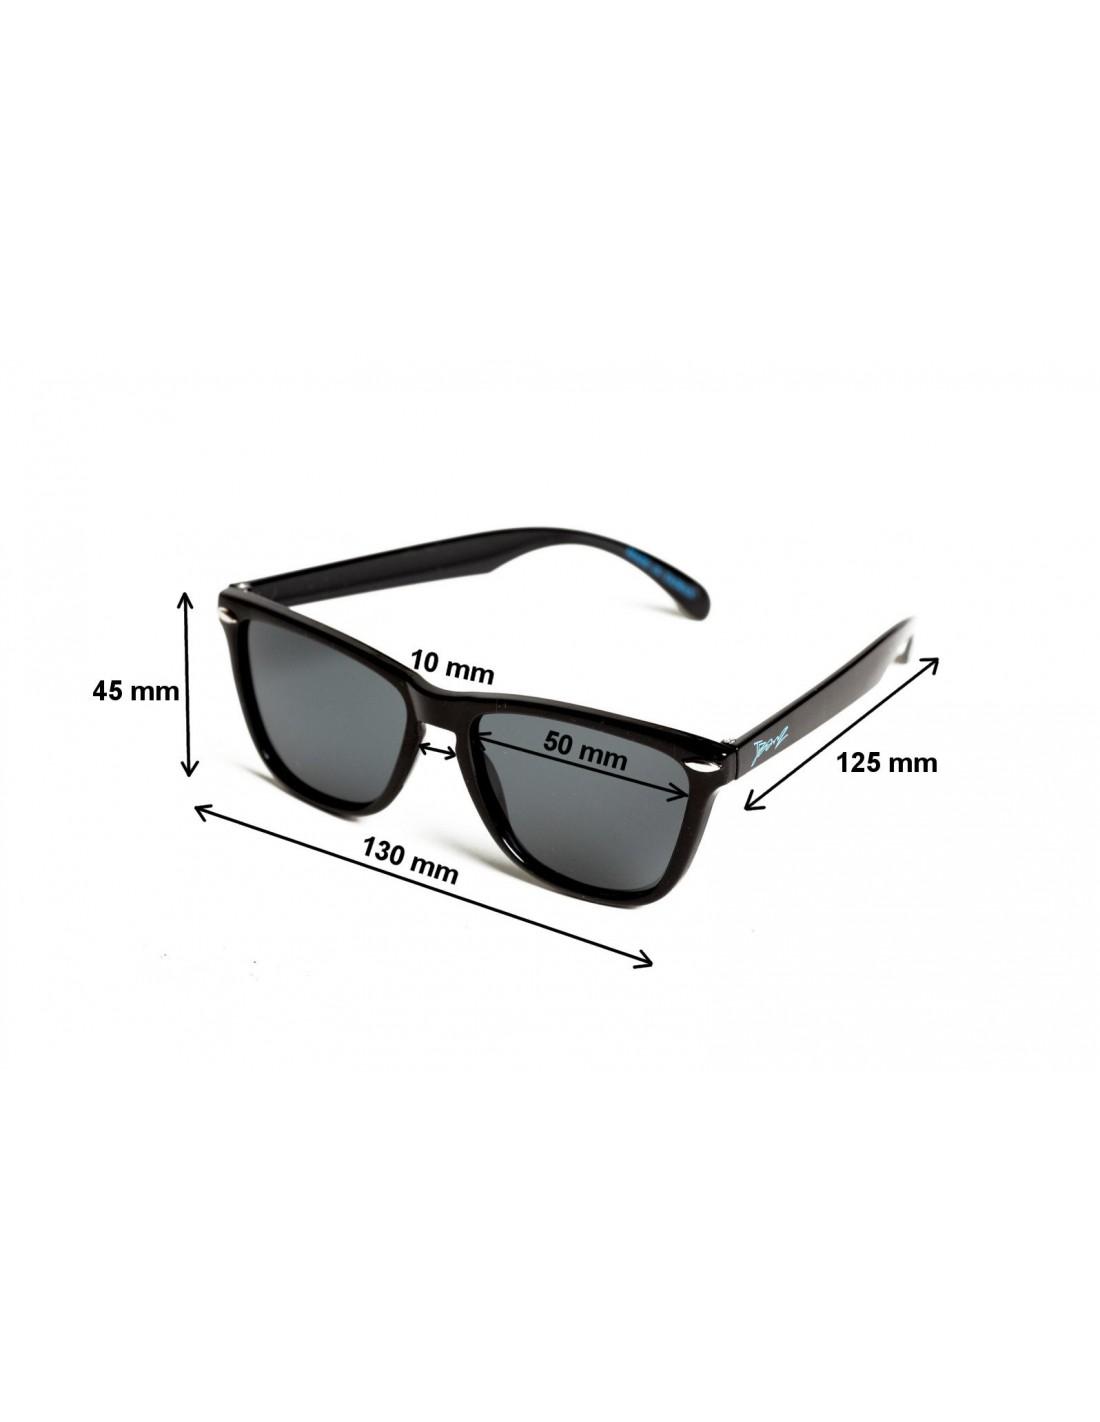 Okulary przeciwsłoneczne uv, Okulary przeciwsłoneczne next